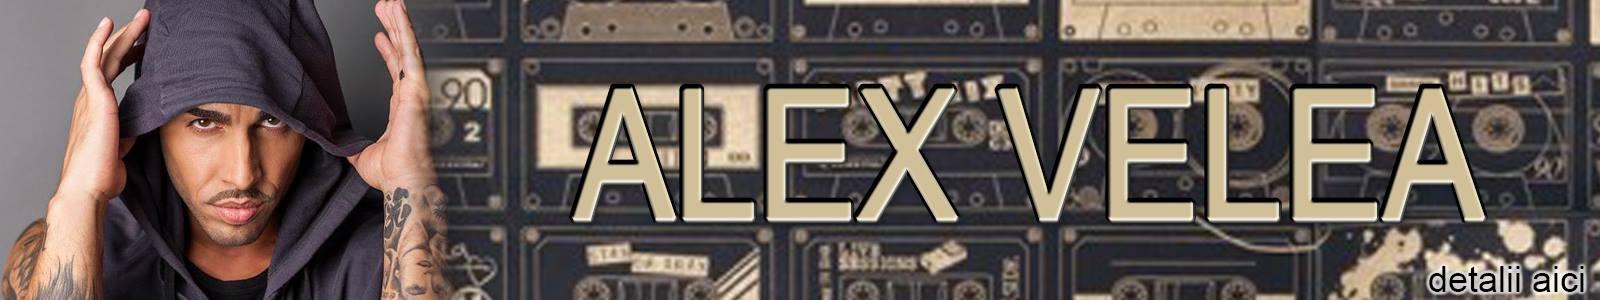 contact-alex-velea-pret-impresar